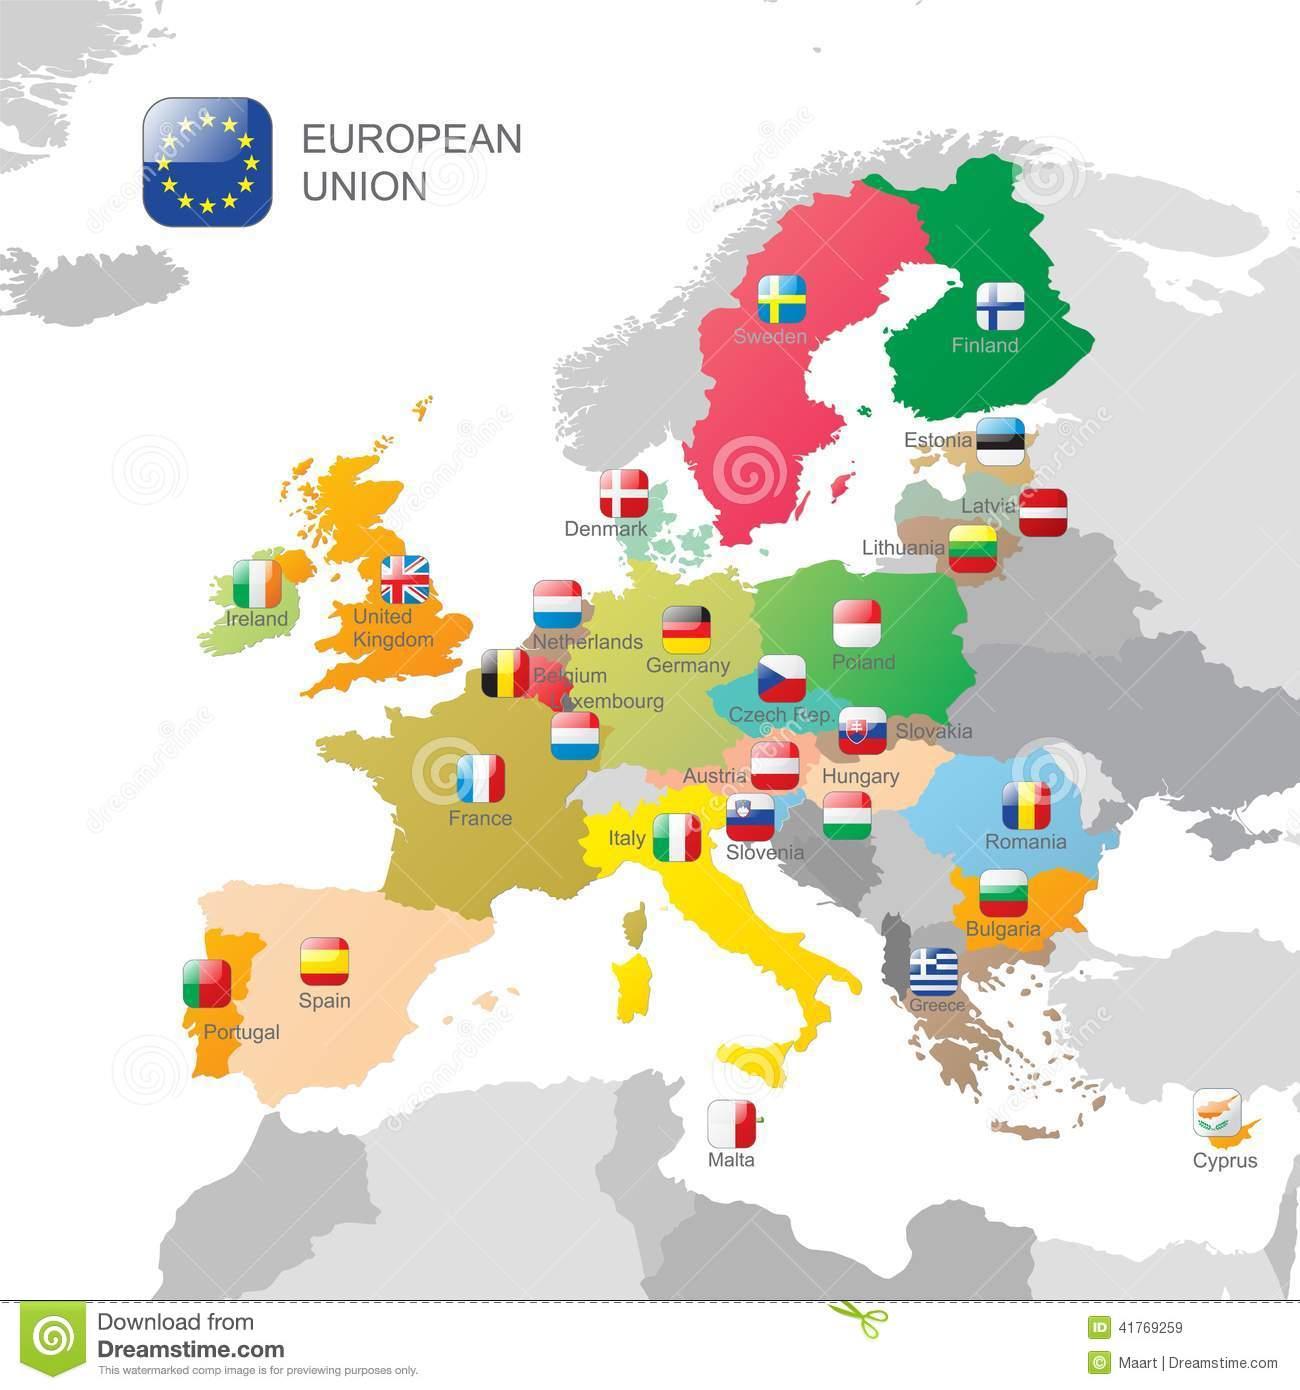 La Carte D'union Européenne Illustration De Vecteur tout La Carte De L Union Européenne